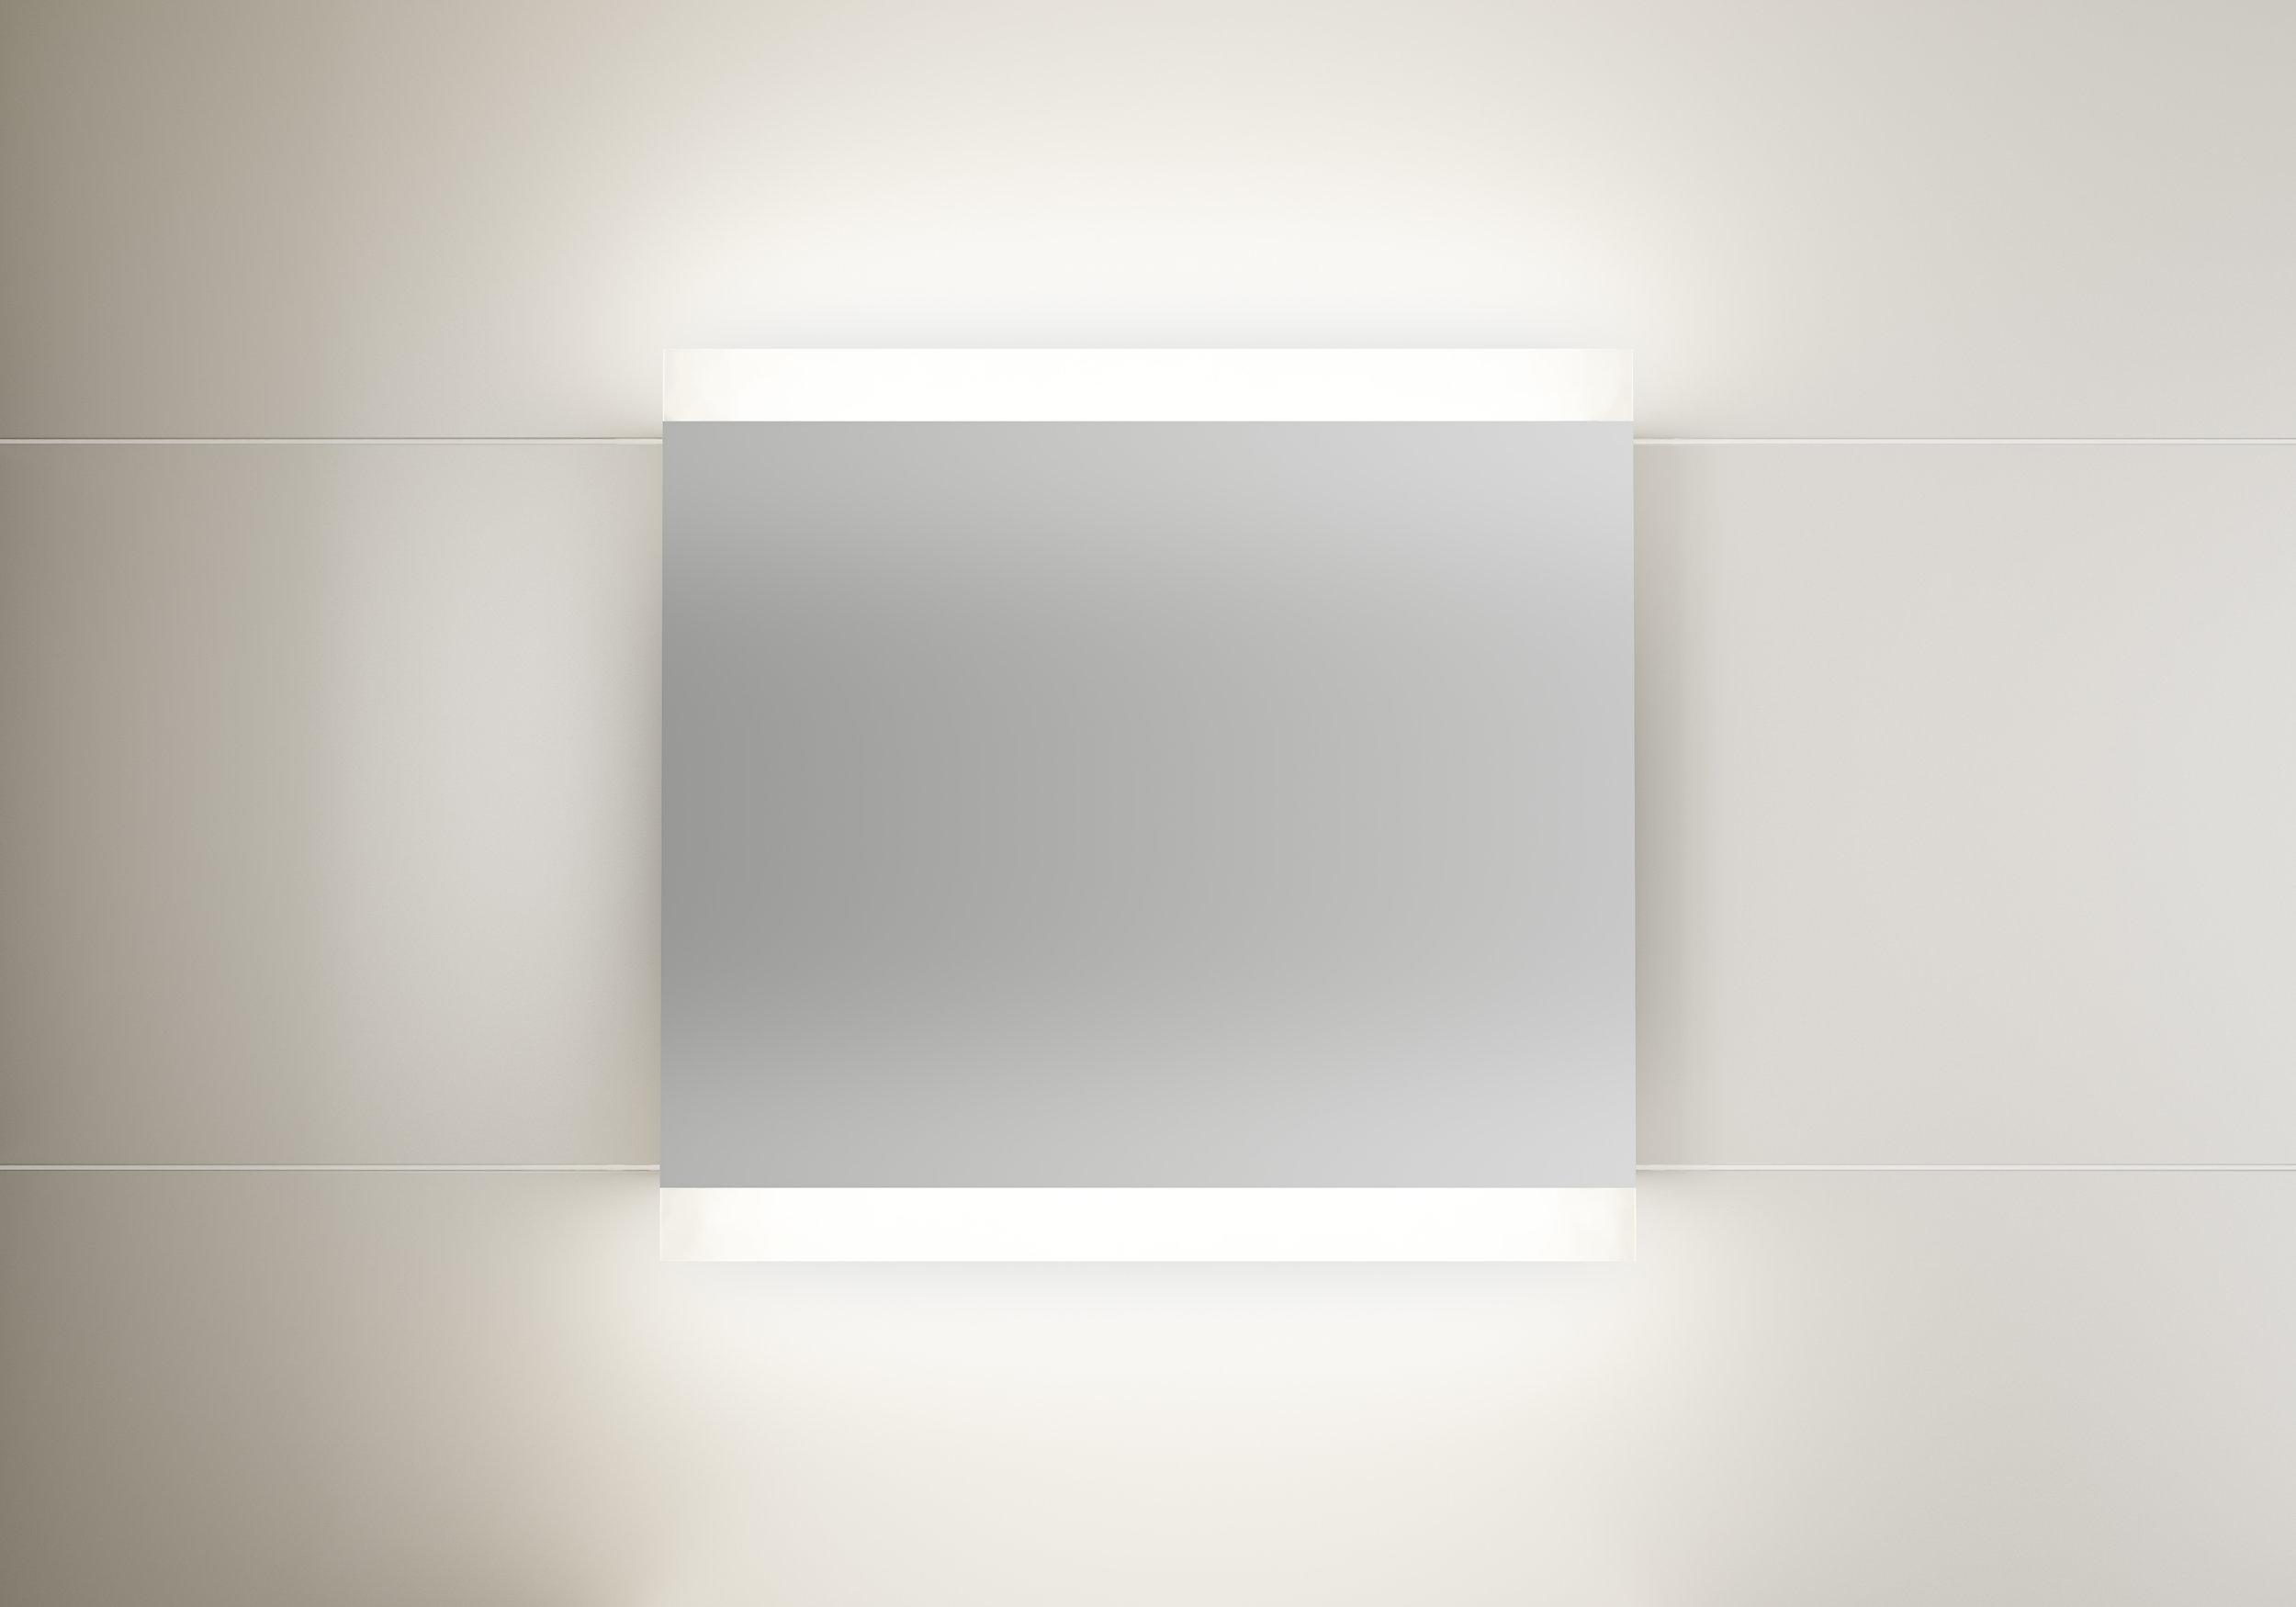 Speil med frosta lysfelt oppe og nede 80 cm.jpg